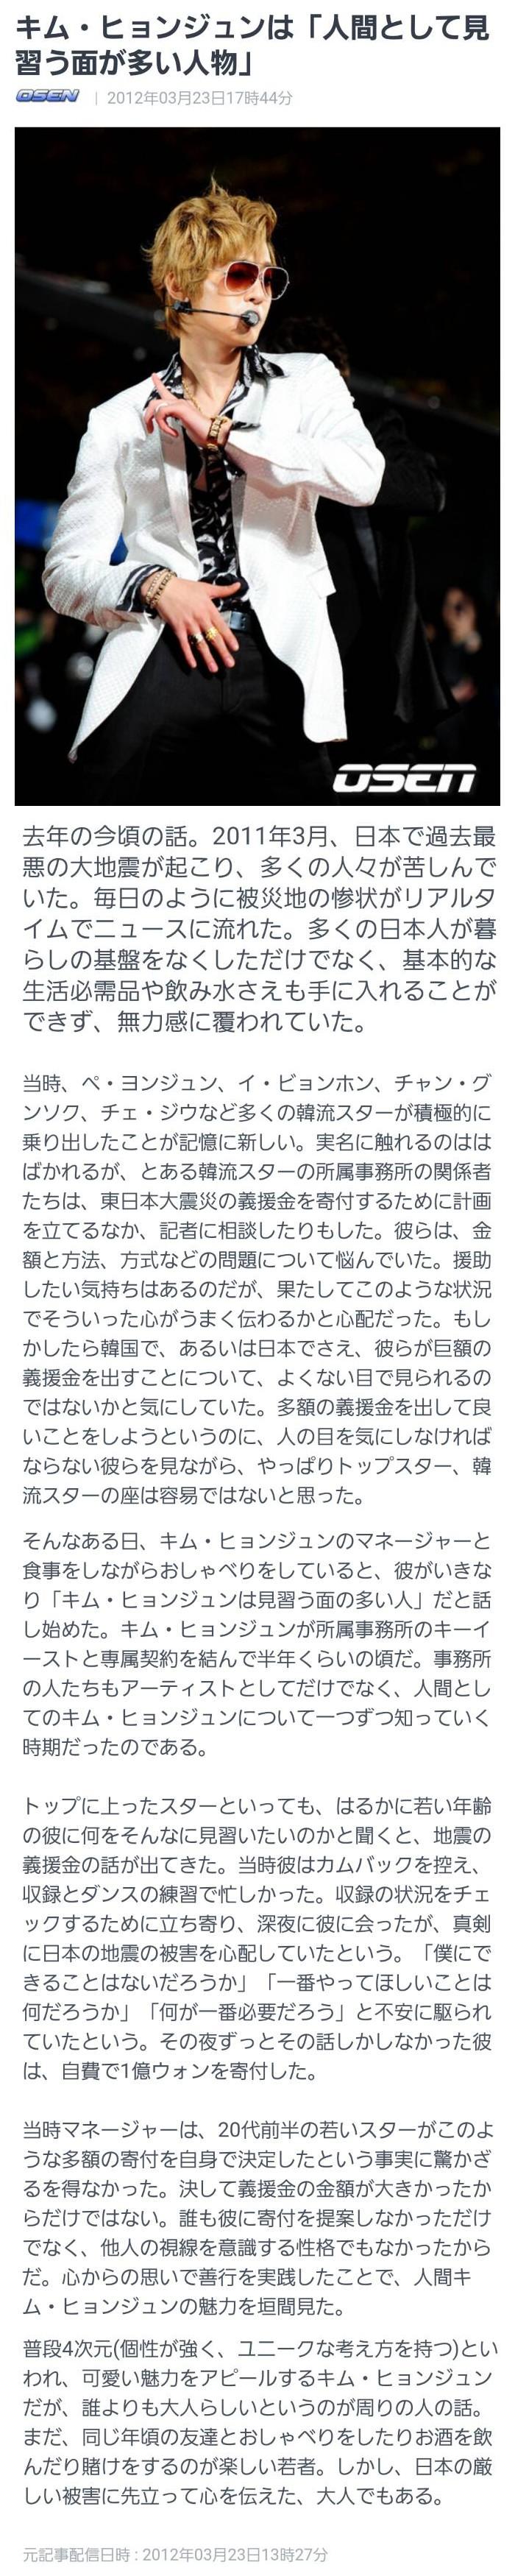 20120323.jpg